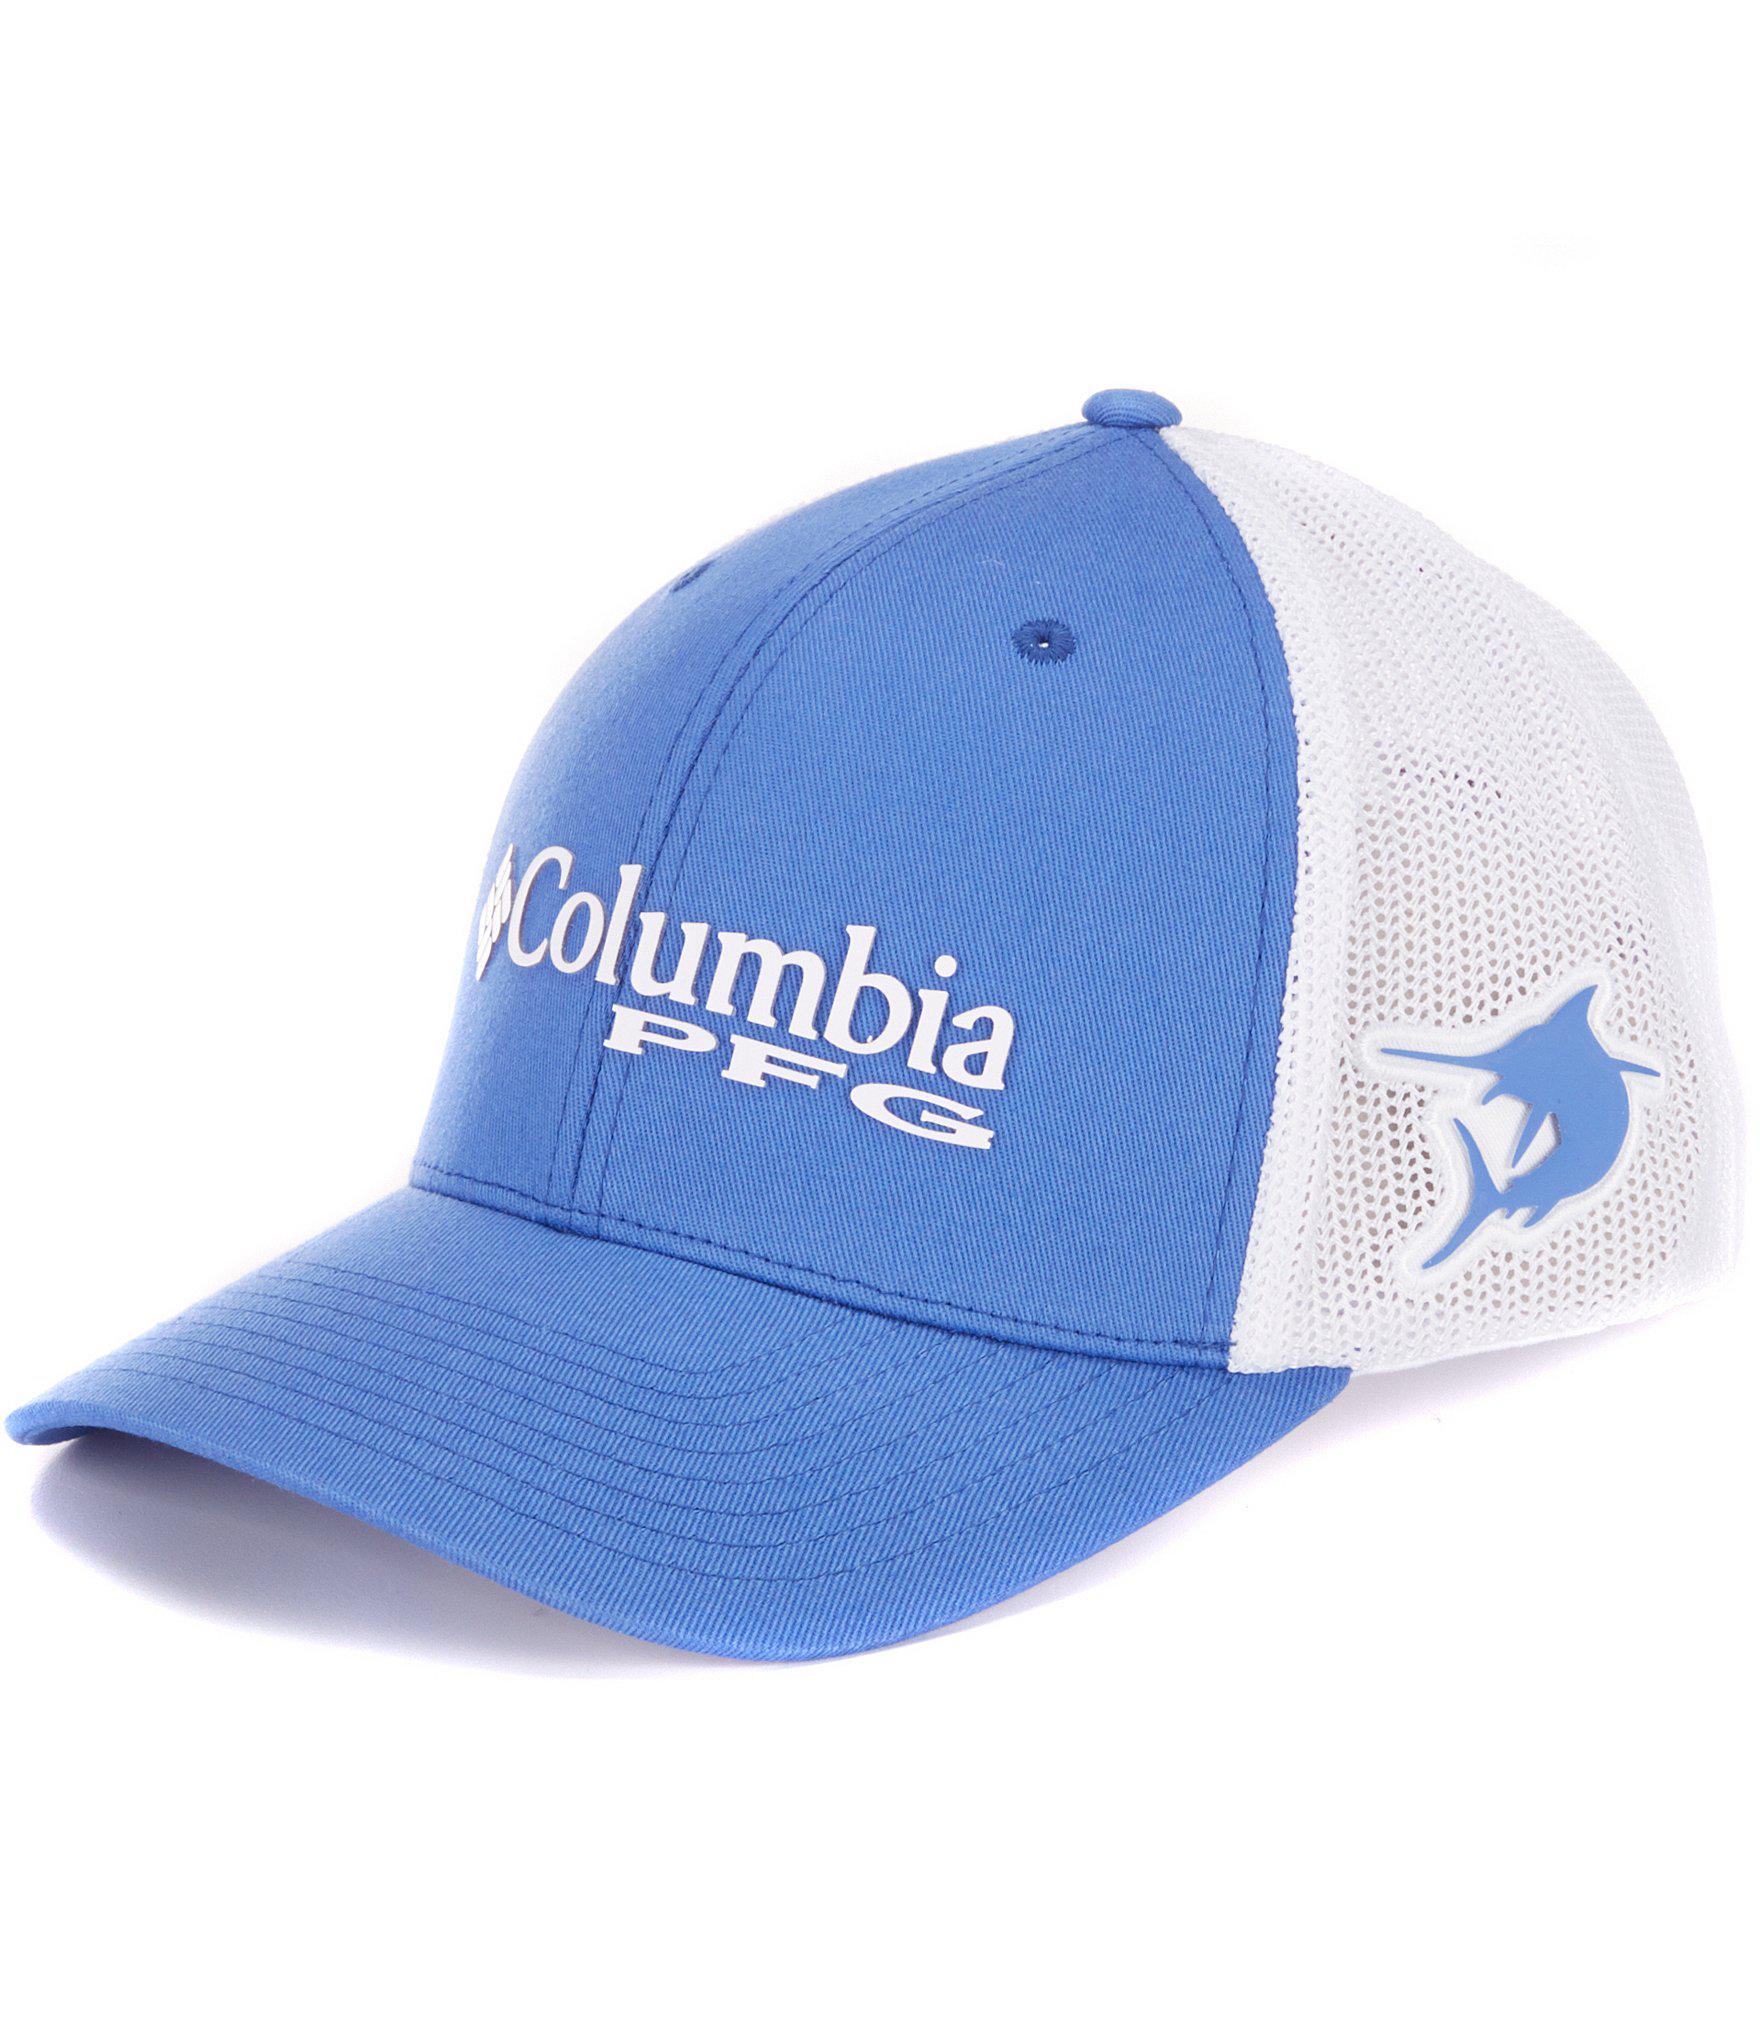 Lyst - Columbia Pfg Mesh Cap in Blue for Men db1f503fc9f0